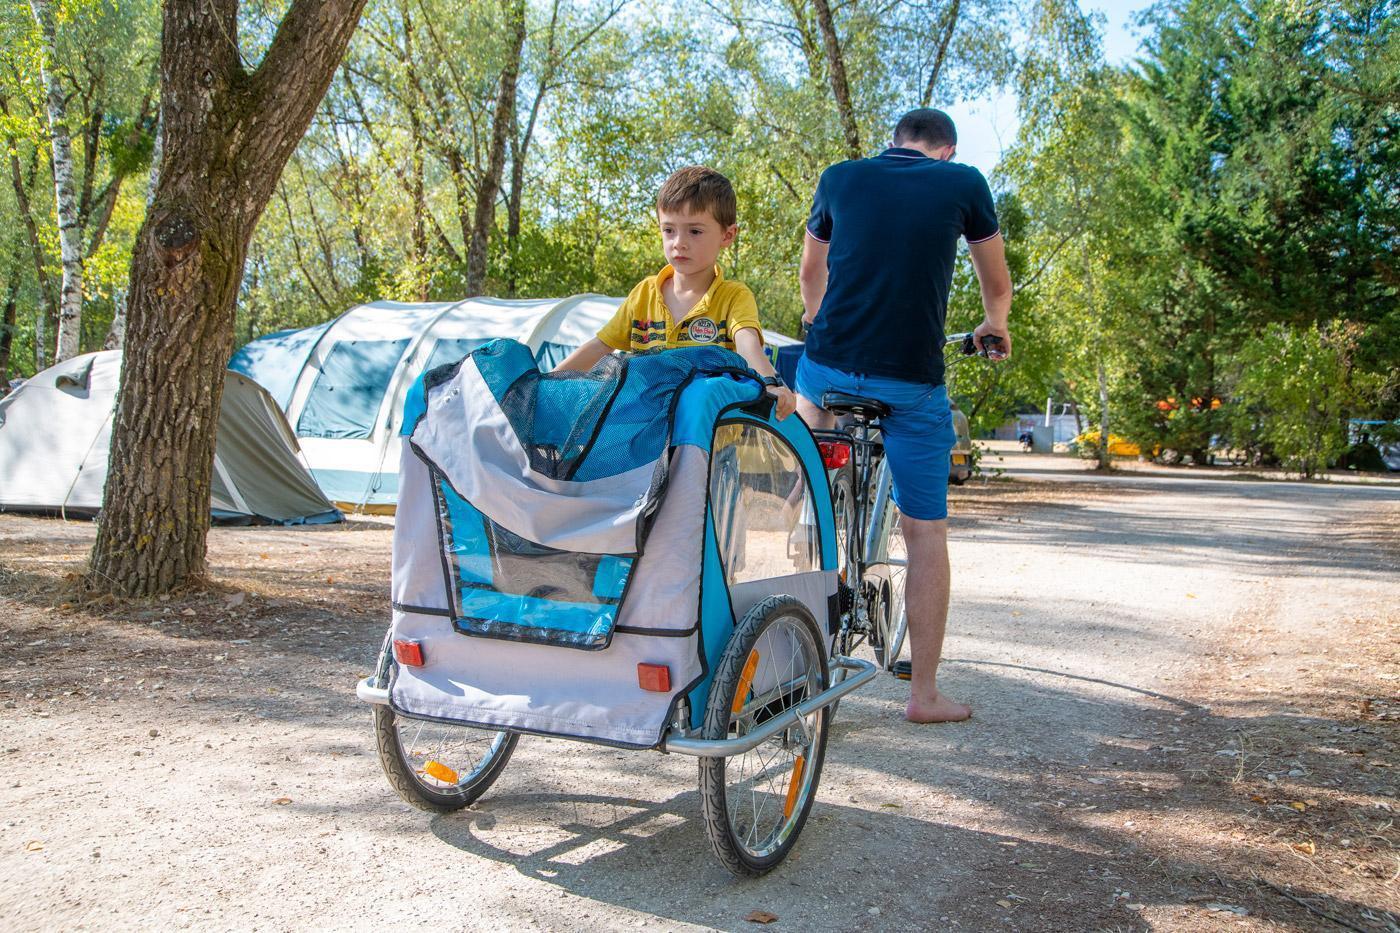 Camping Sites Et Paysages Les Saules Cheverny Velo Enfant